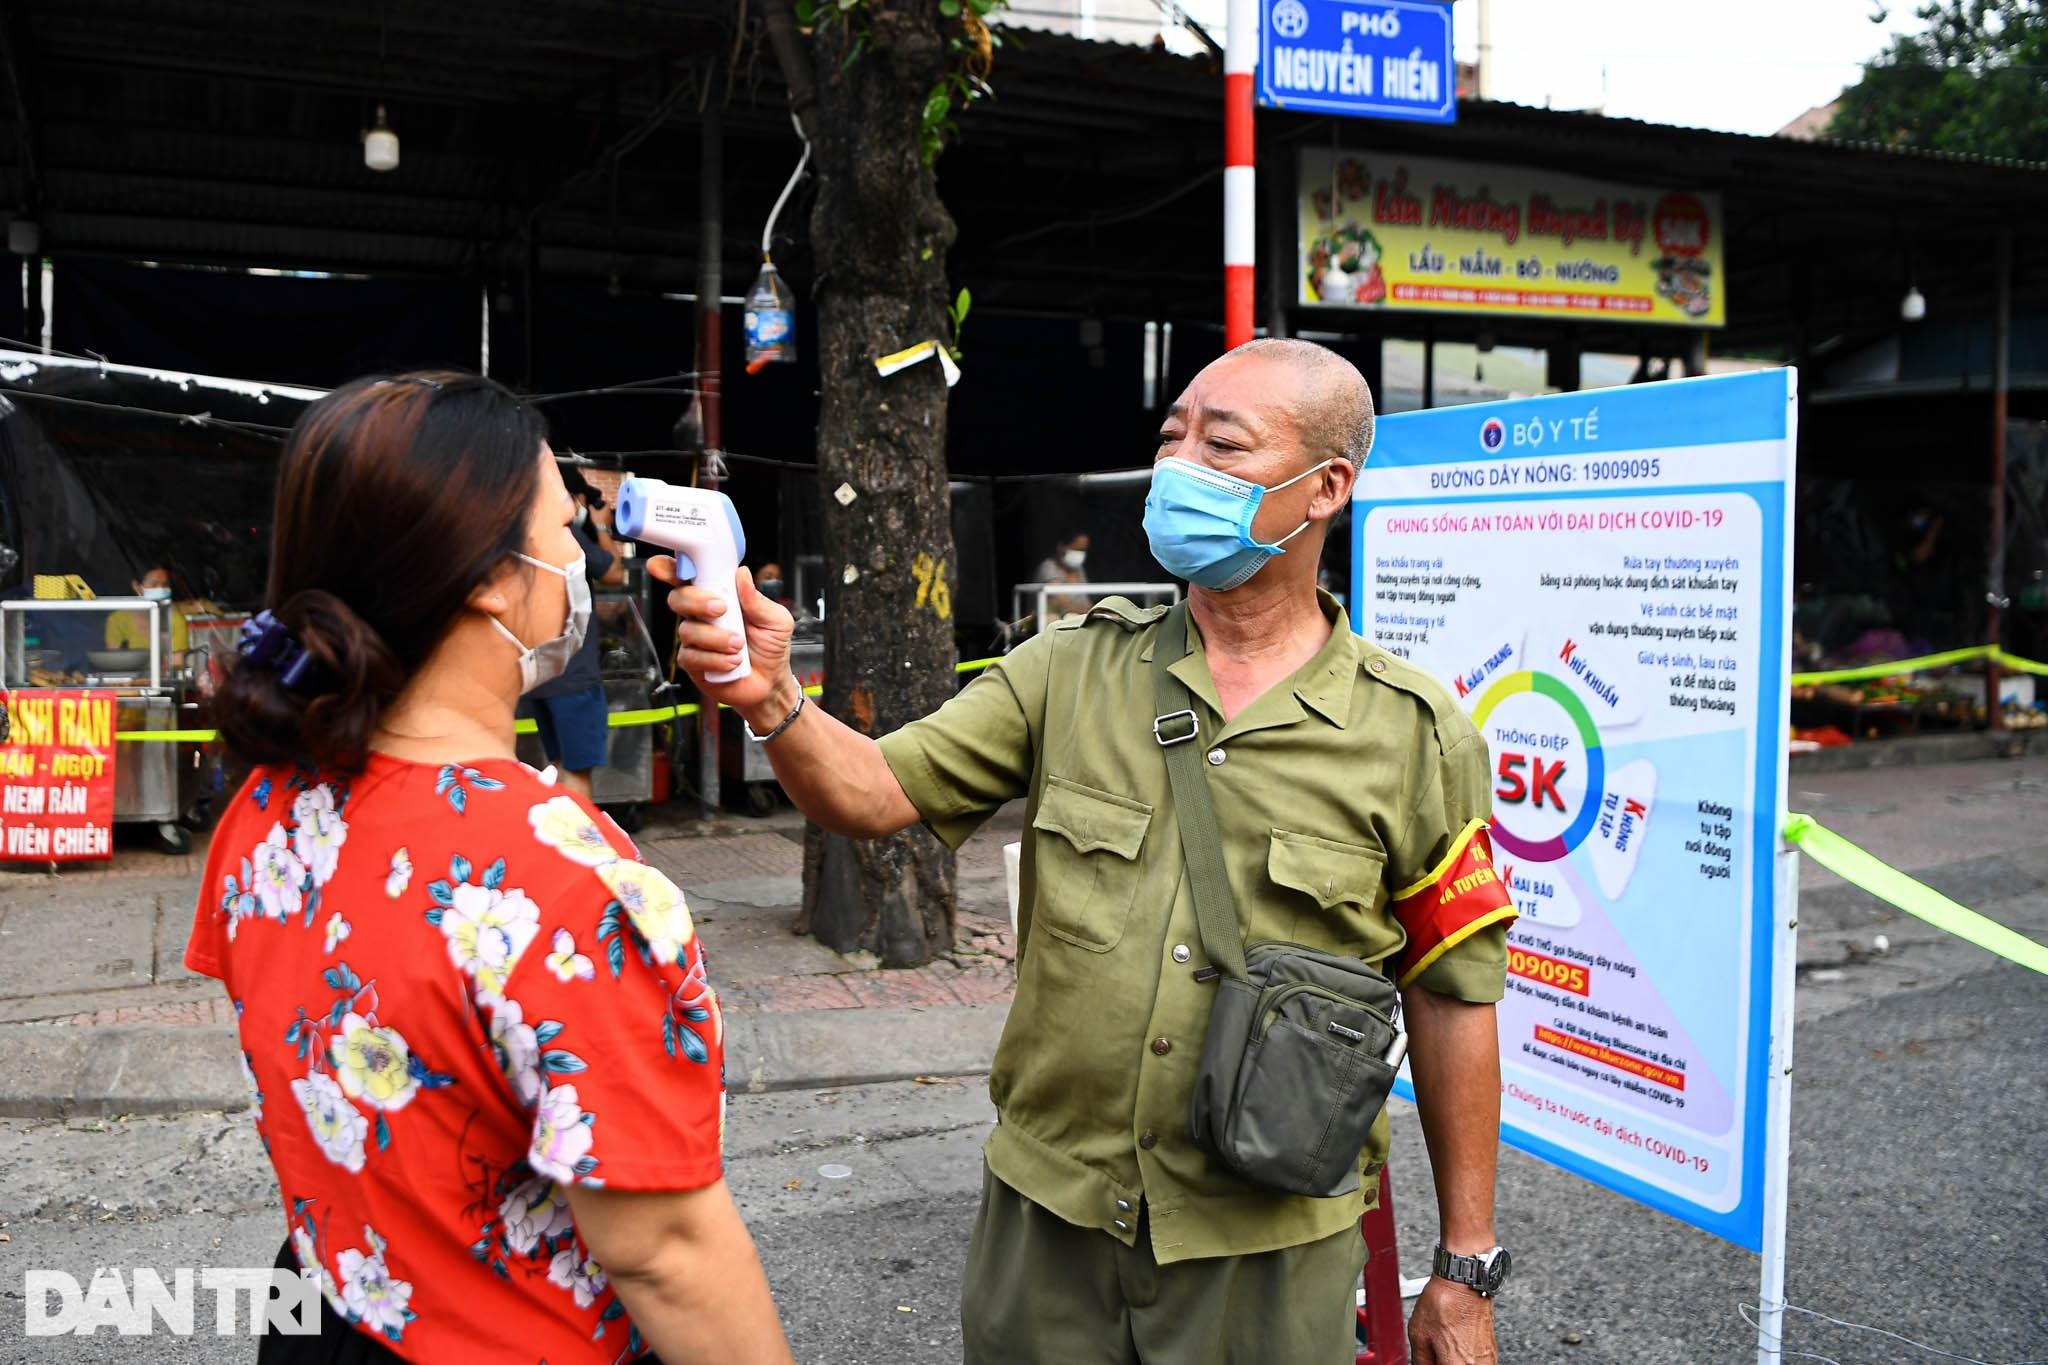 Độc đáo những phương pháp phòng dịch tại các chợ dân sinh ở Hà Nội - 2